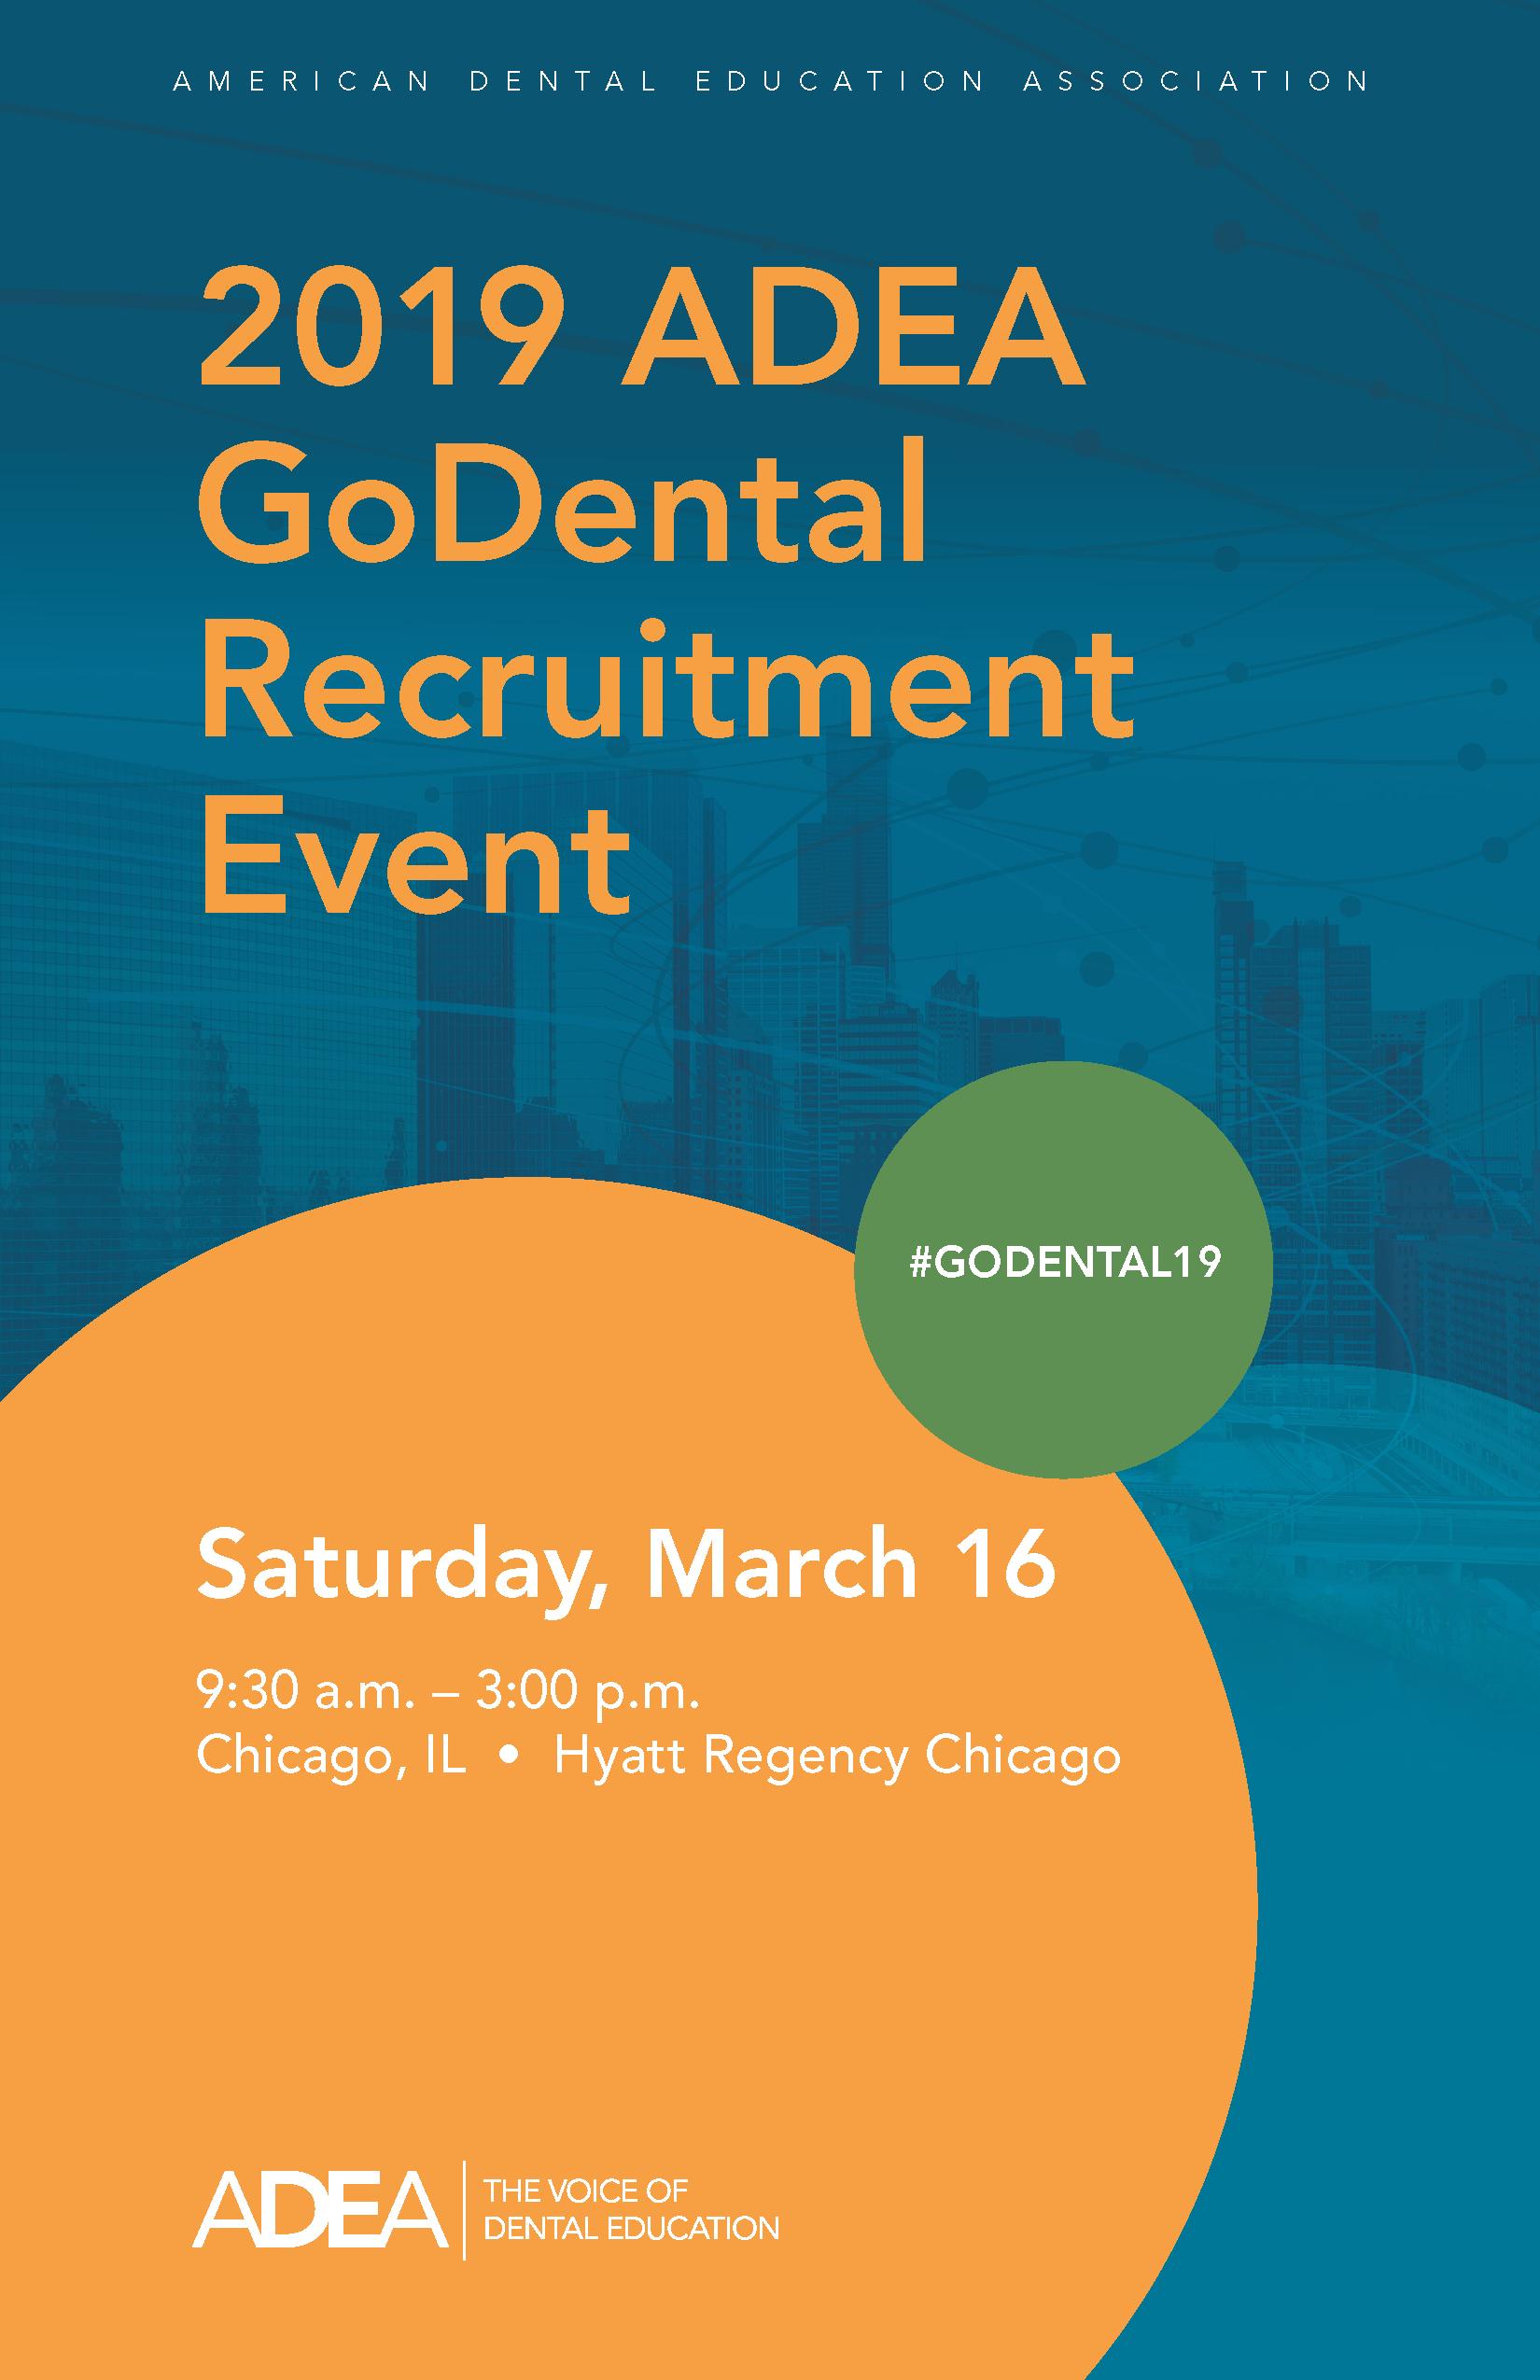 2019 Adea Godental Recruitment Event - Map-of-us-dental-schools